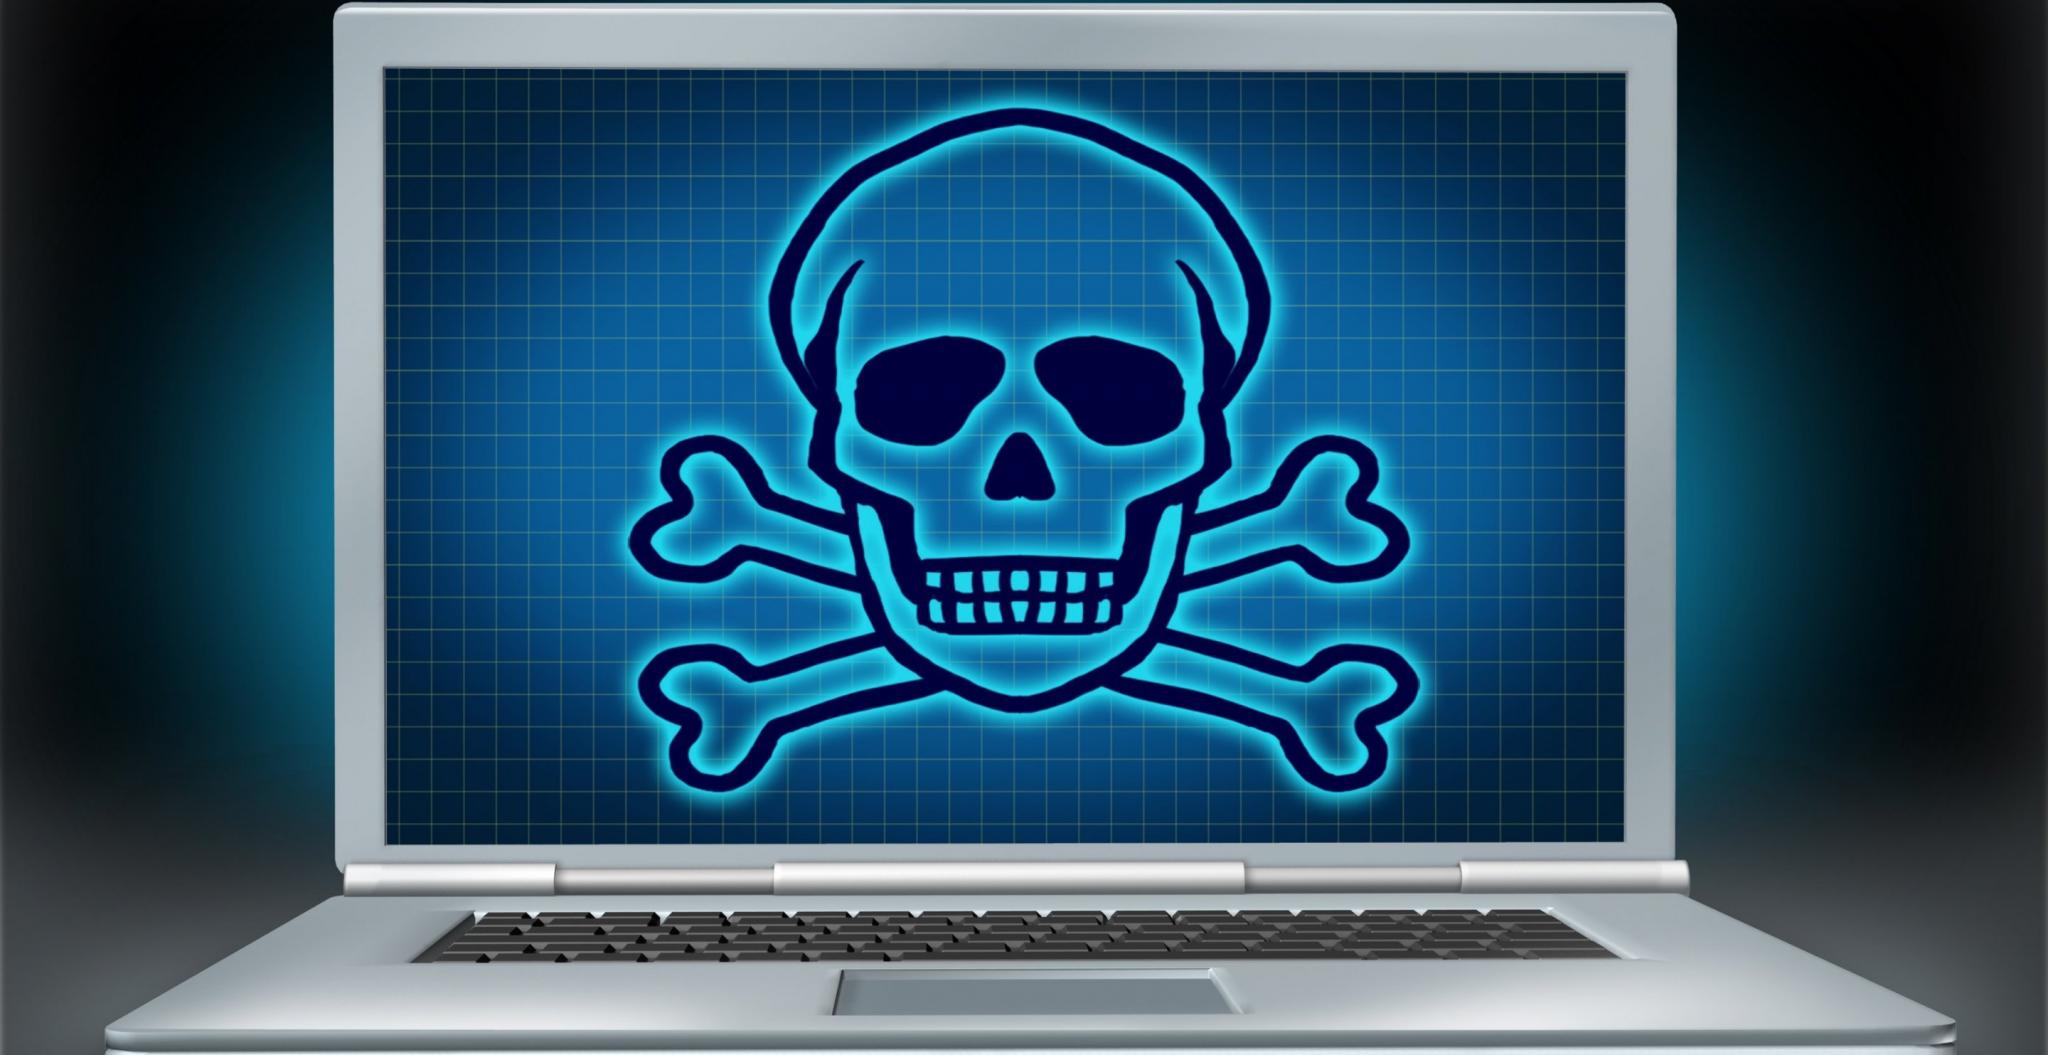 Наши компьютеры под угрозой